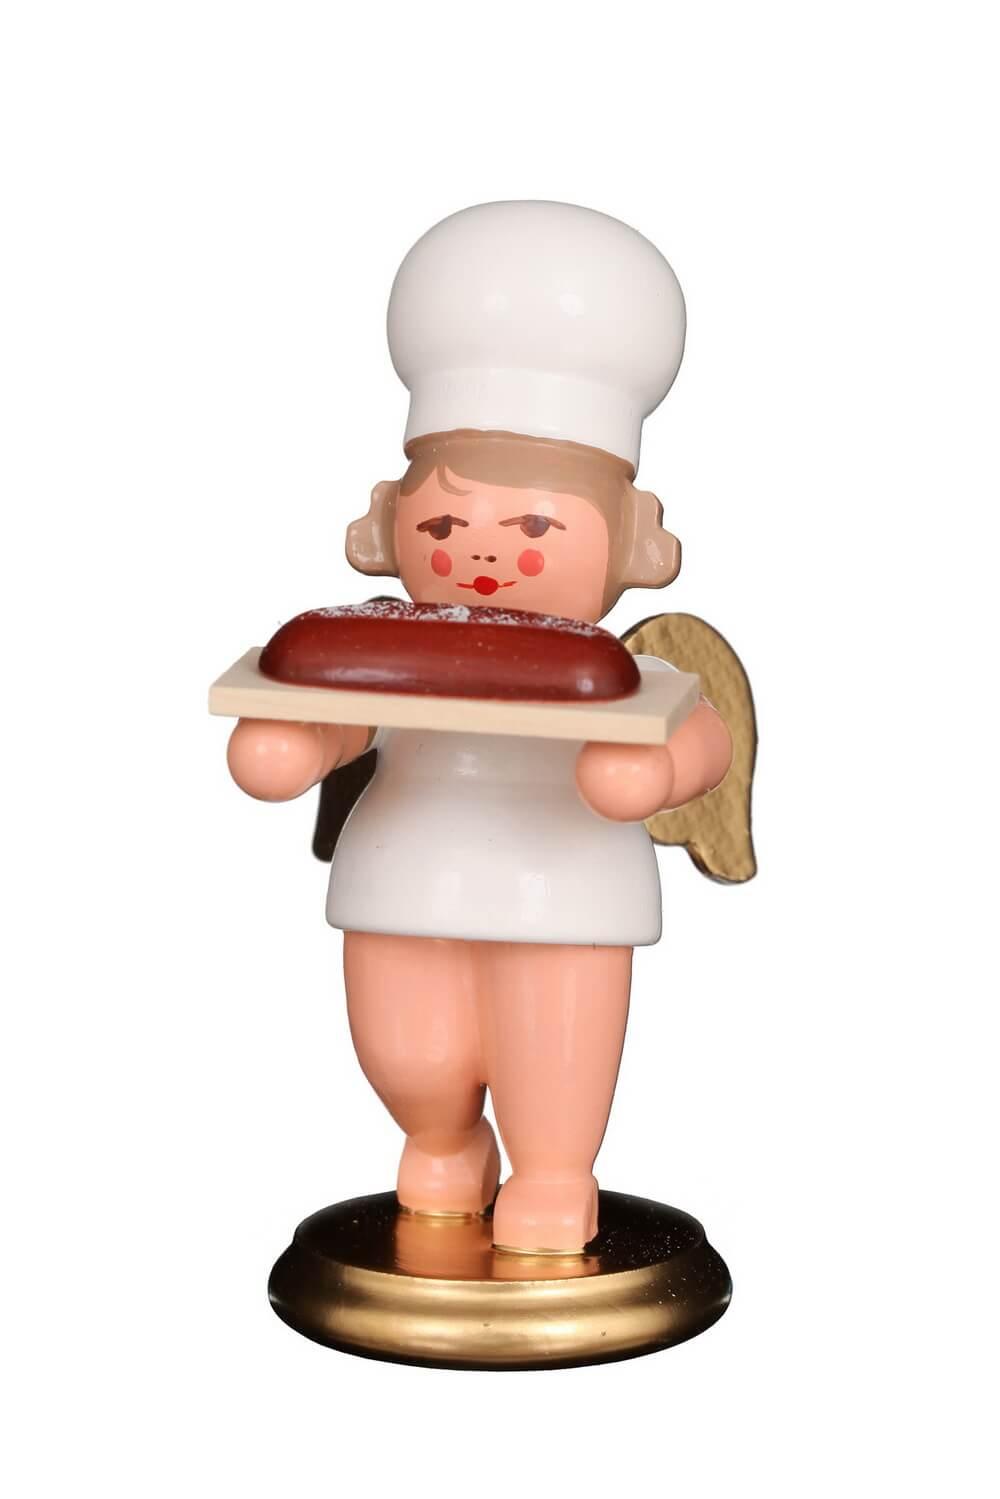 Weihnachtsengel - Bäckerengel mit Stollen, 8 cm von Christian Ulbricht GmbH & Co KG Seiffen/ Erzgebirge